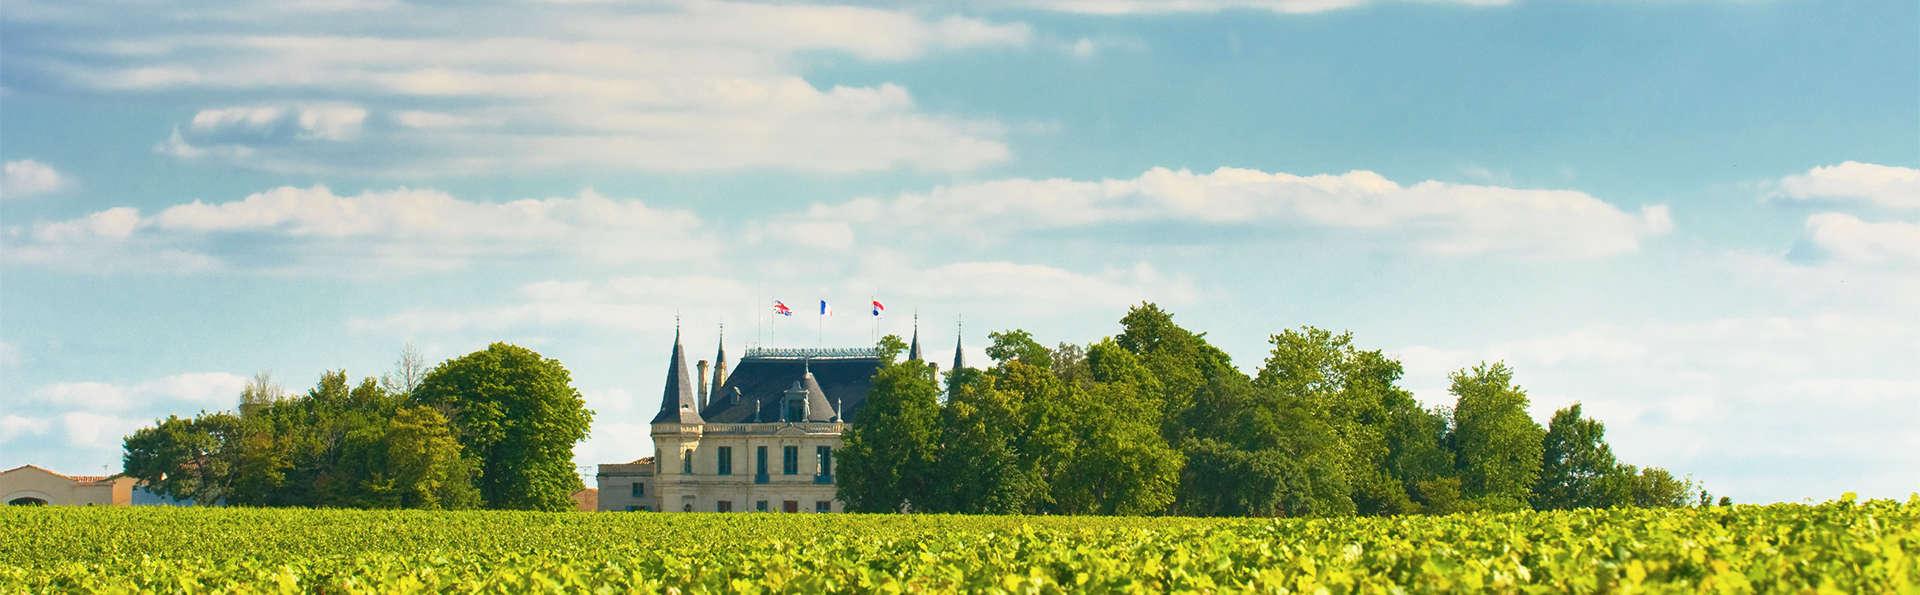 Château de Sanse - EDIT_Equitaine_2.jpg